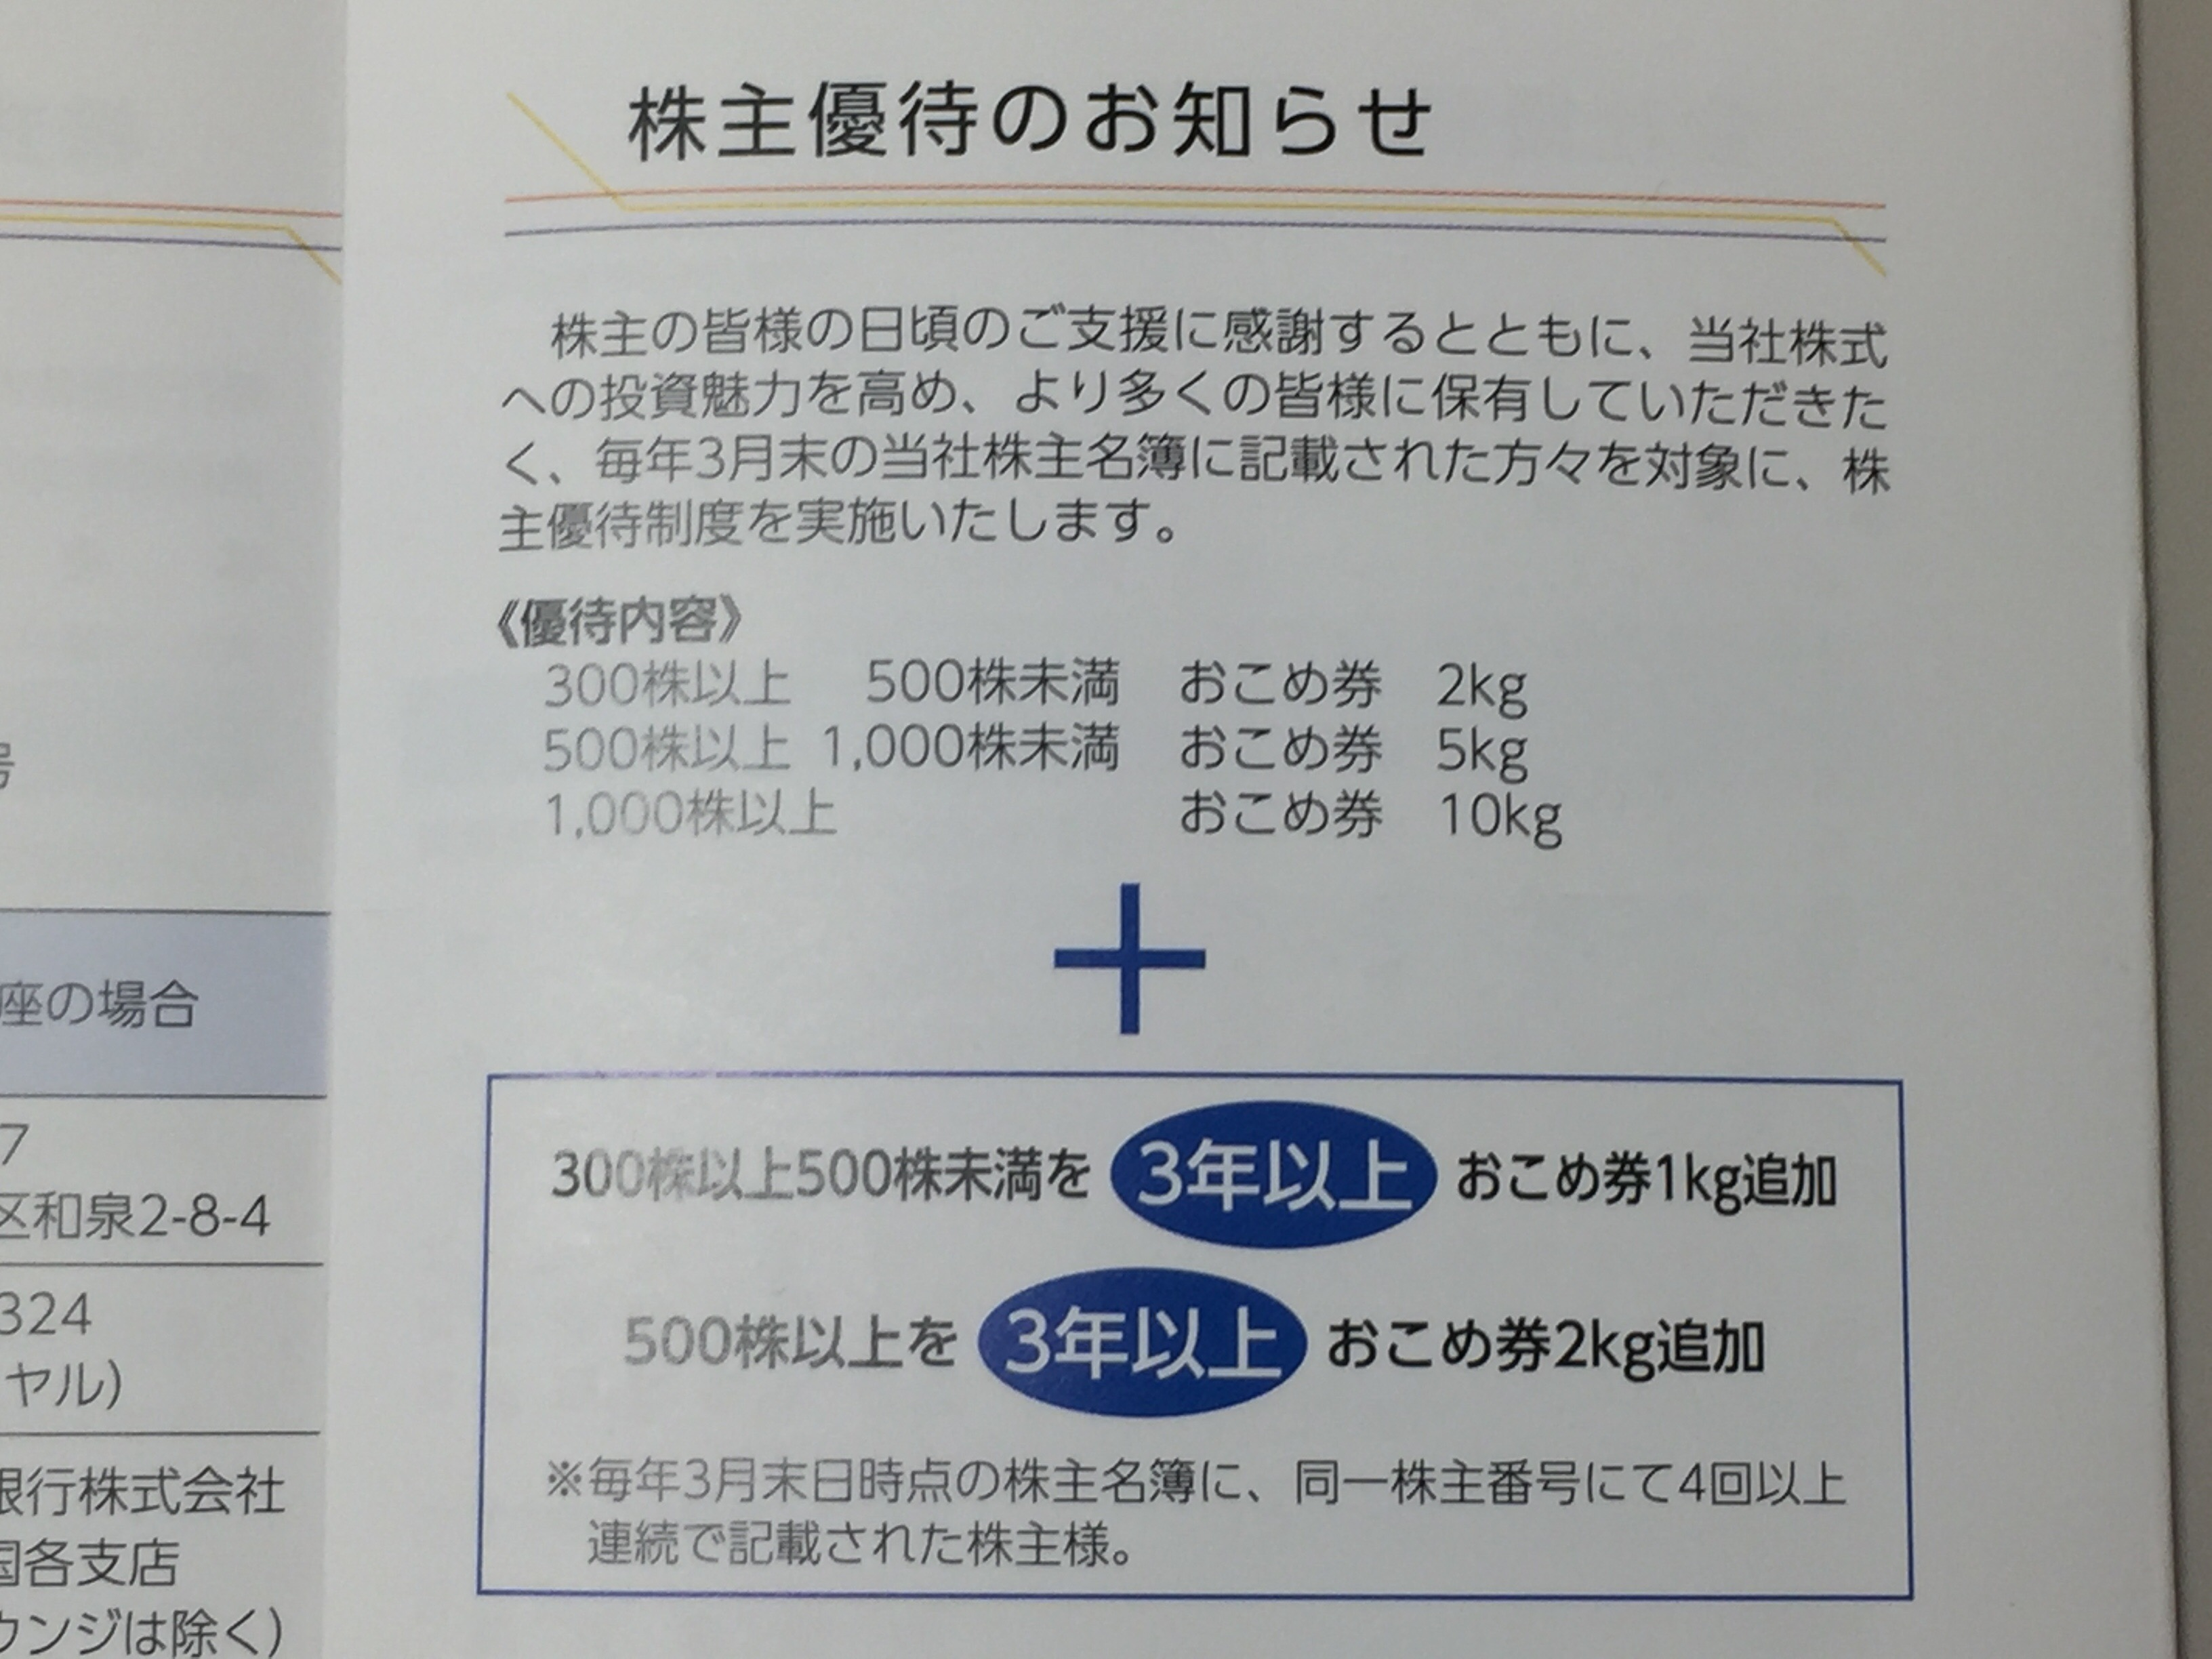 岡谷電機産業を売却 株主優待制度の変更に1年間気がつきませんでした